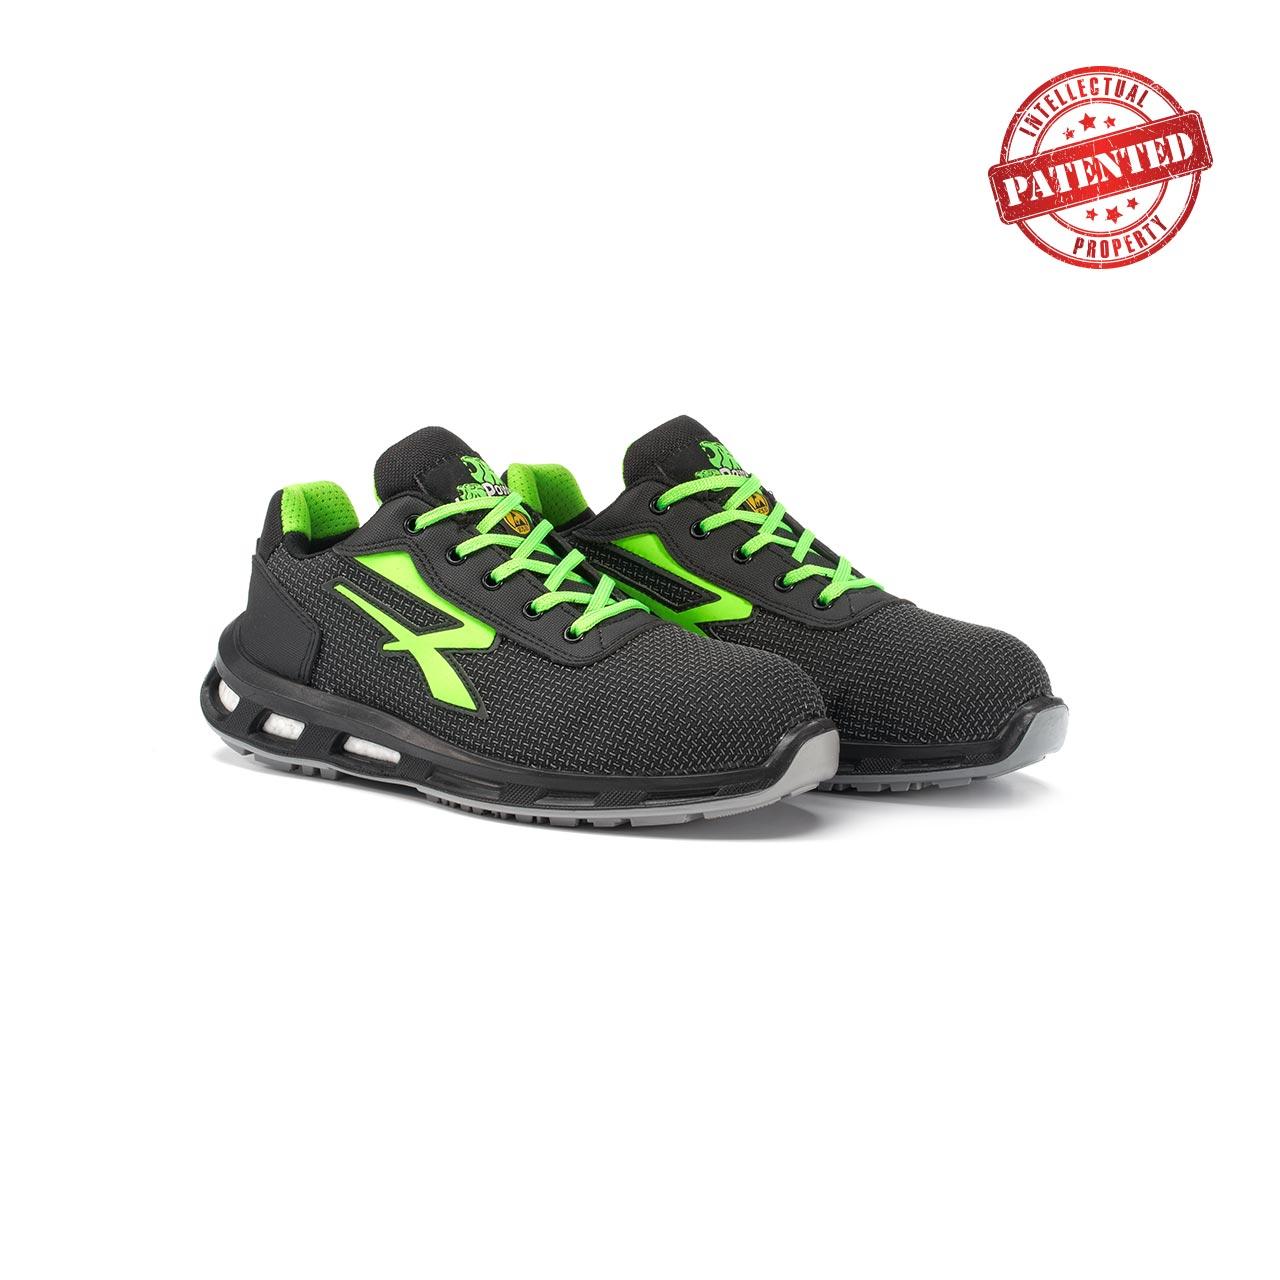 paio di scarpe antinfortunistiche upower modello strong linea redlion vista prospettica